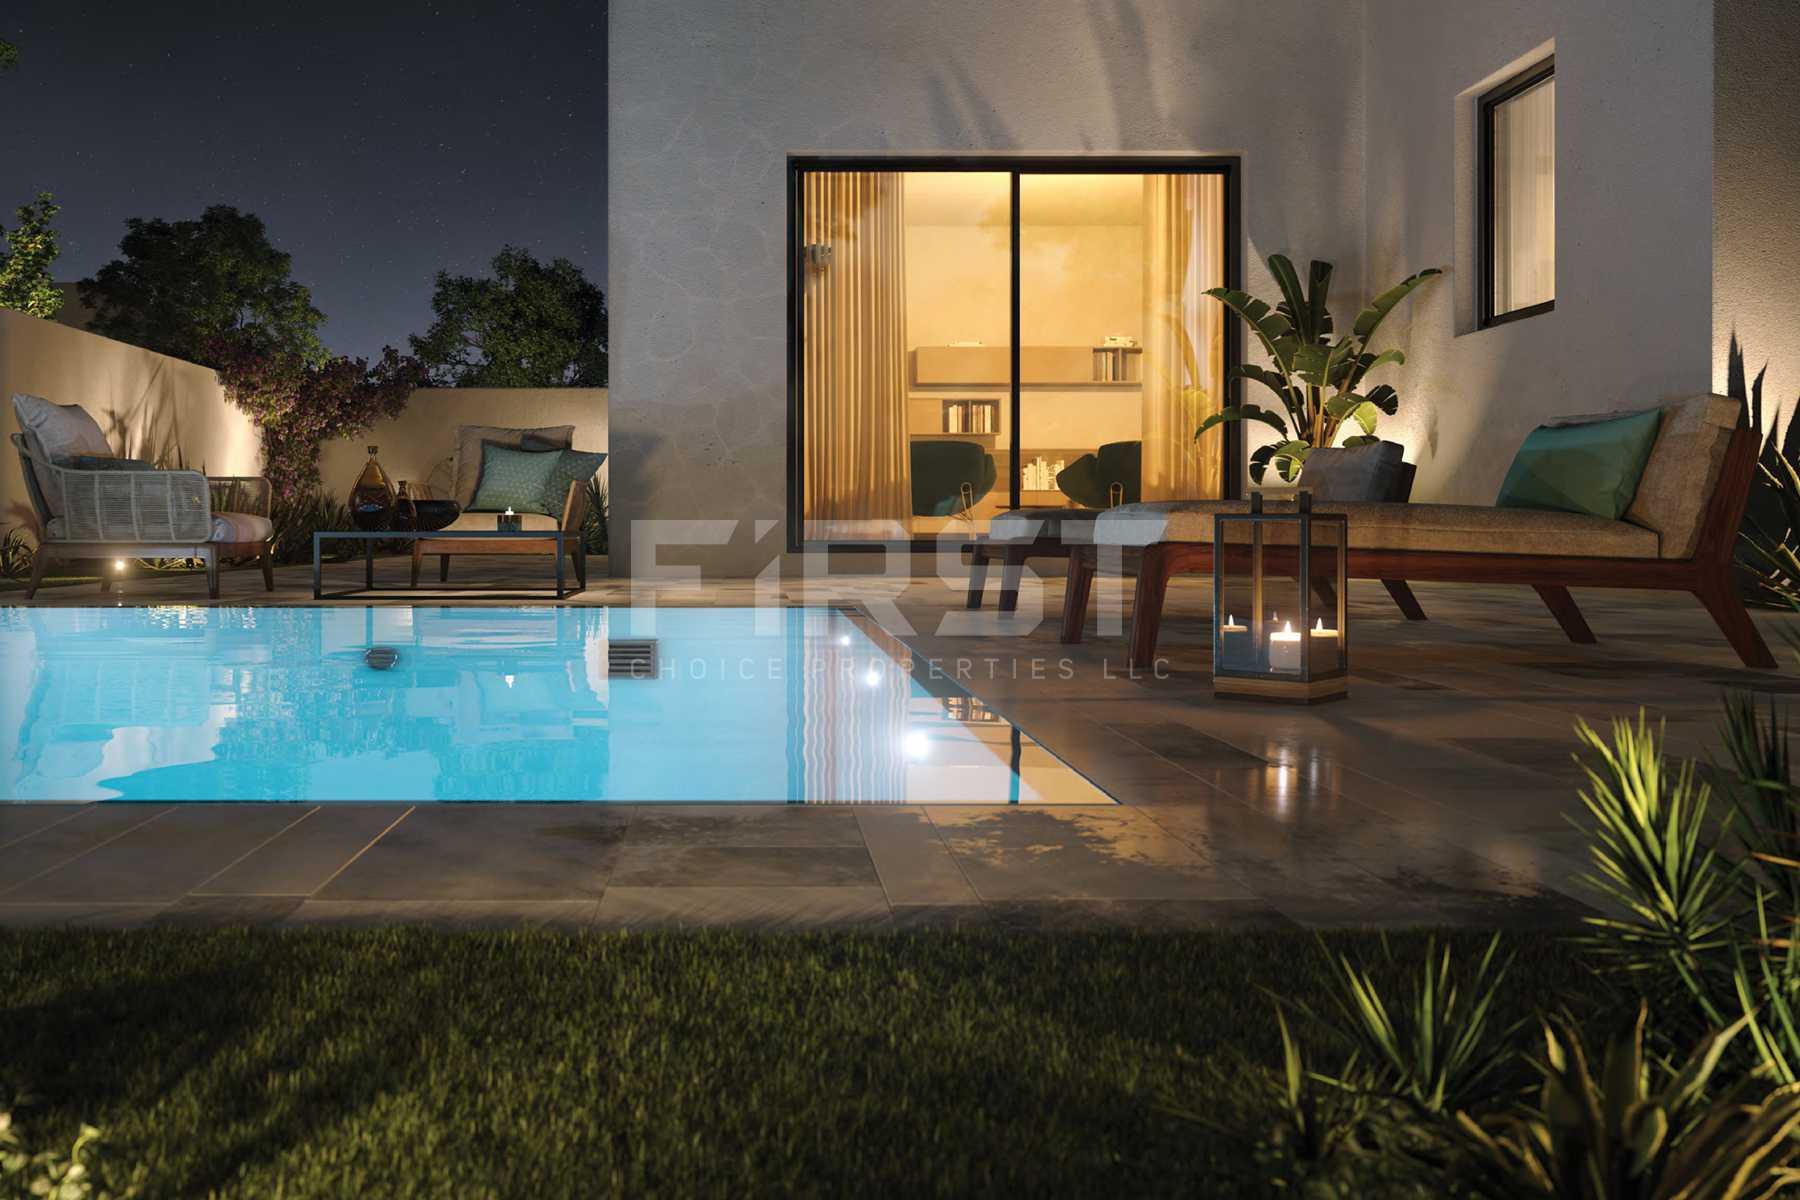 External Photo of Noya Viva in Yas Island Abu Dhabi UAE (9).jpg